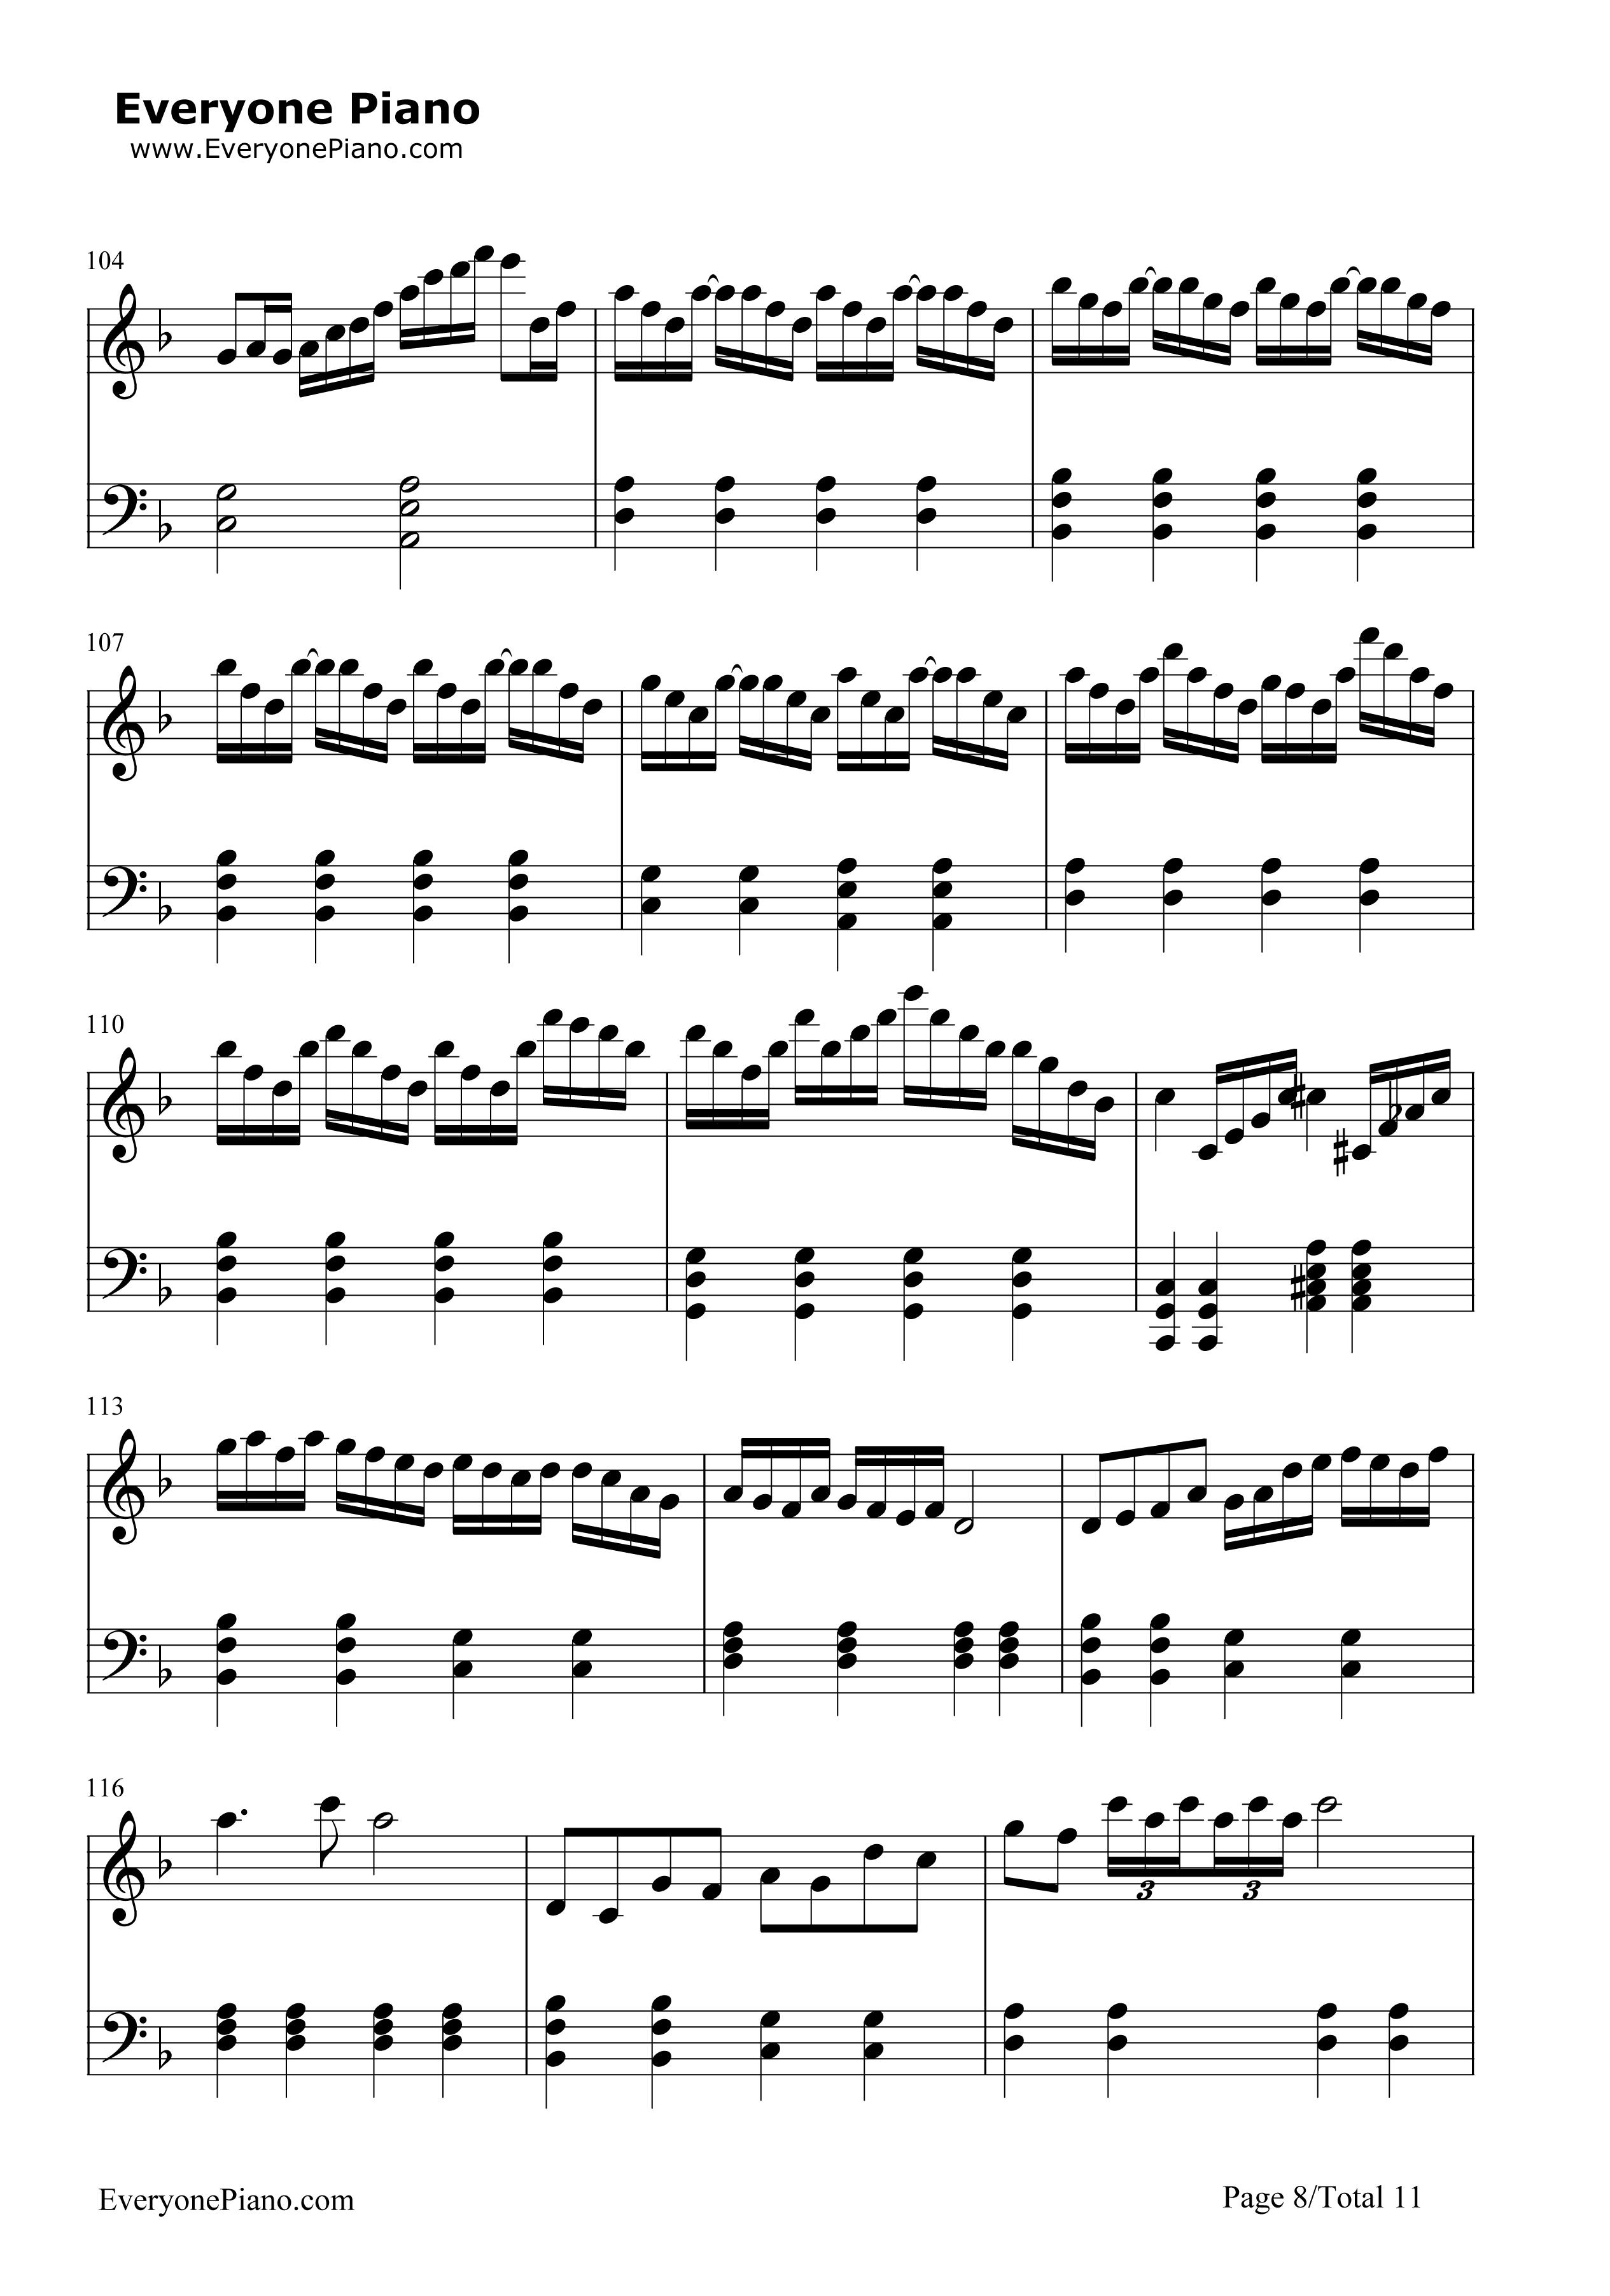 千本樱简单版-初音未来五线谱预览8